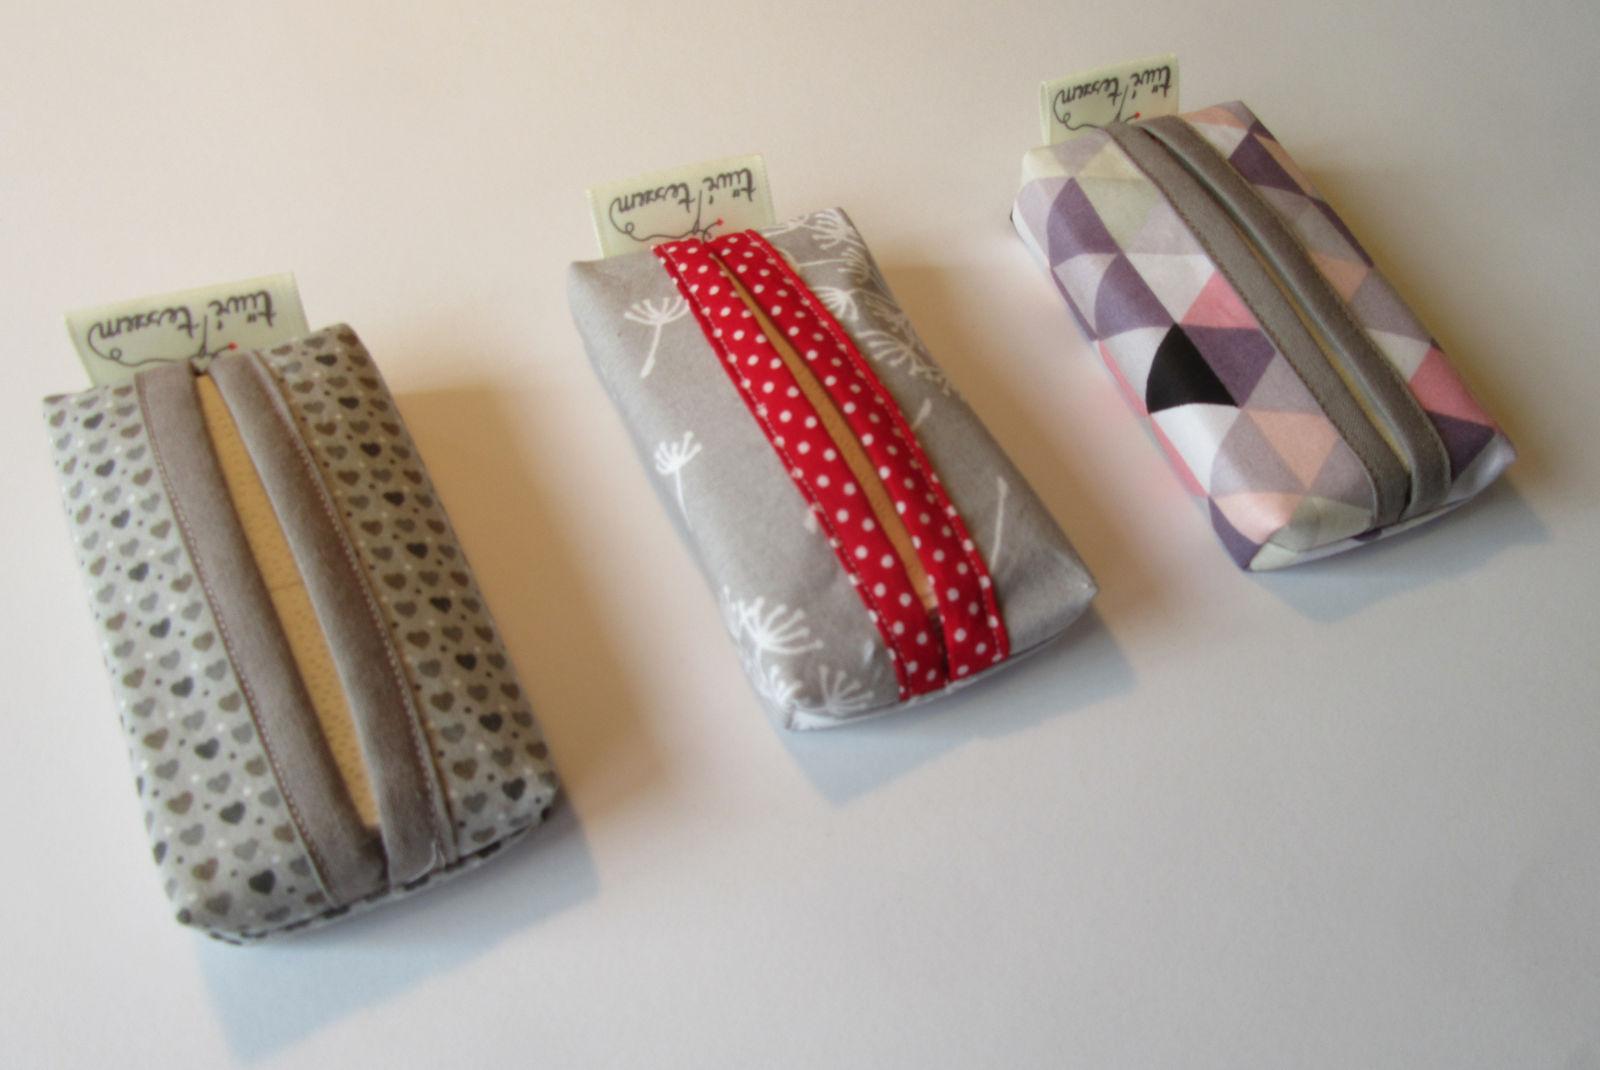 PZST - papírzsebkendő tartók